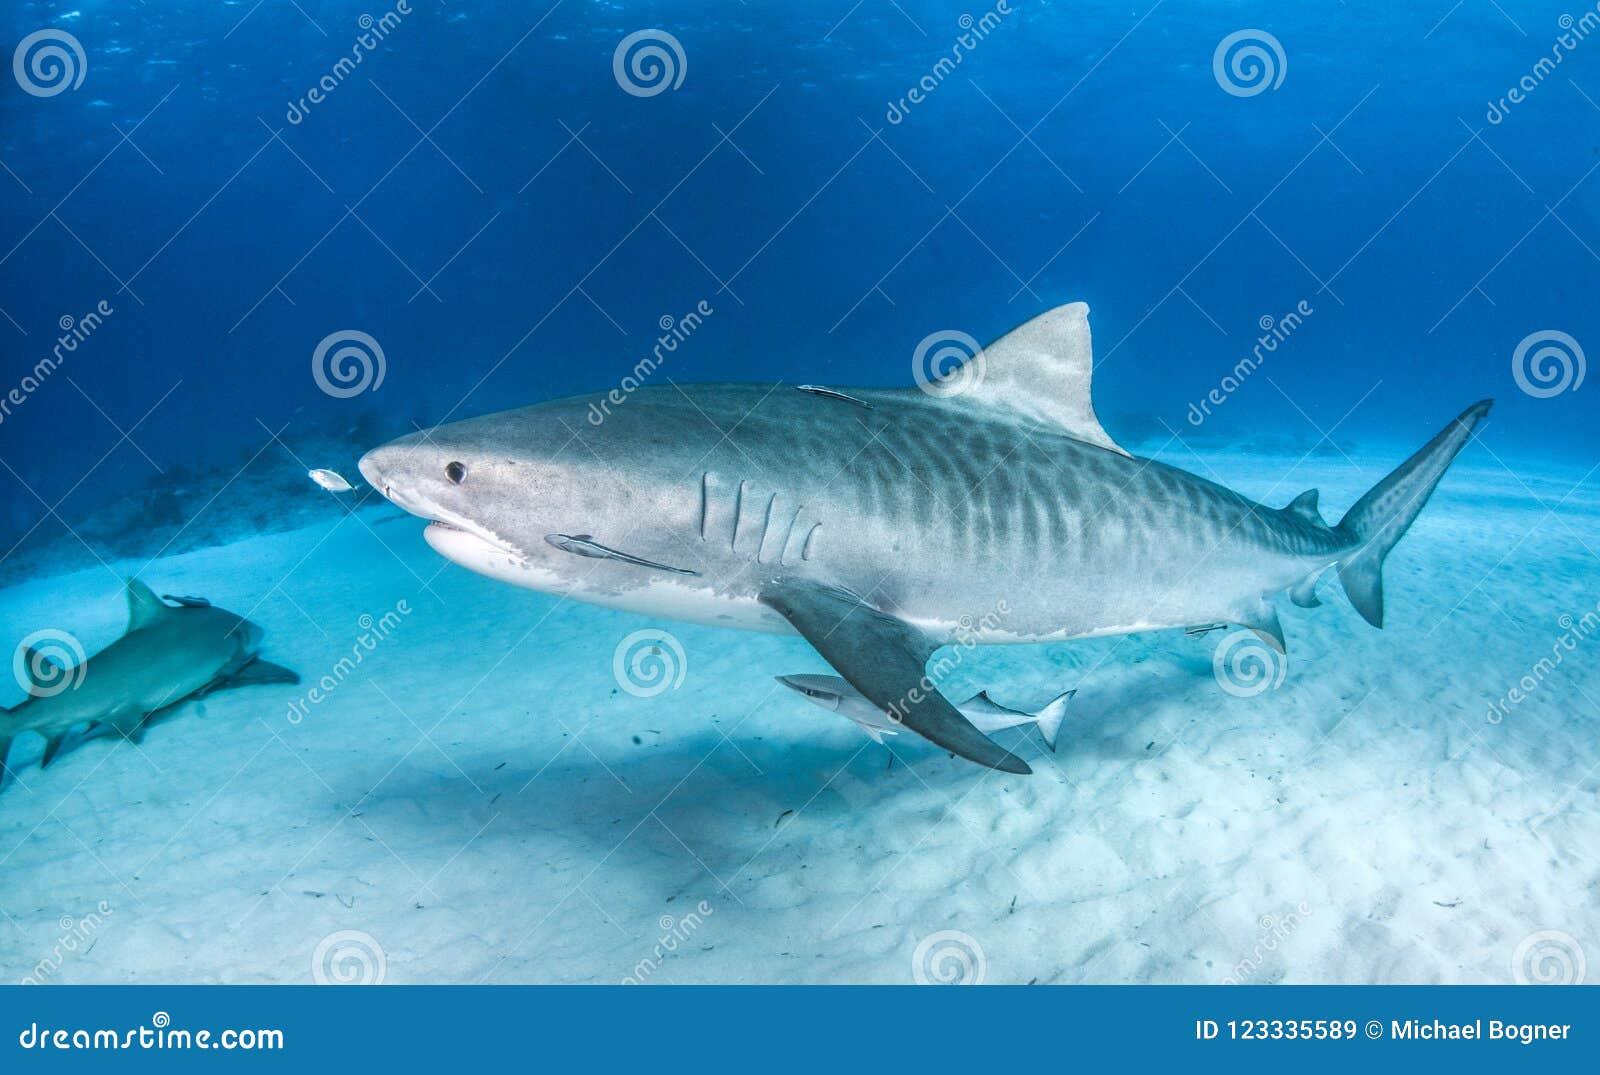 Tiger shark at the Bahamas